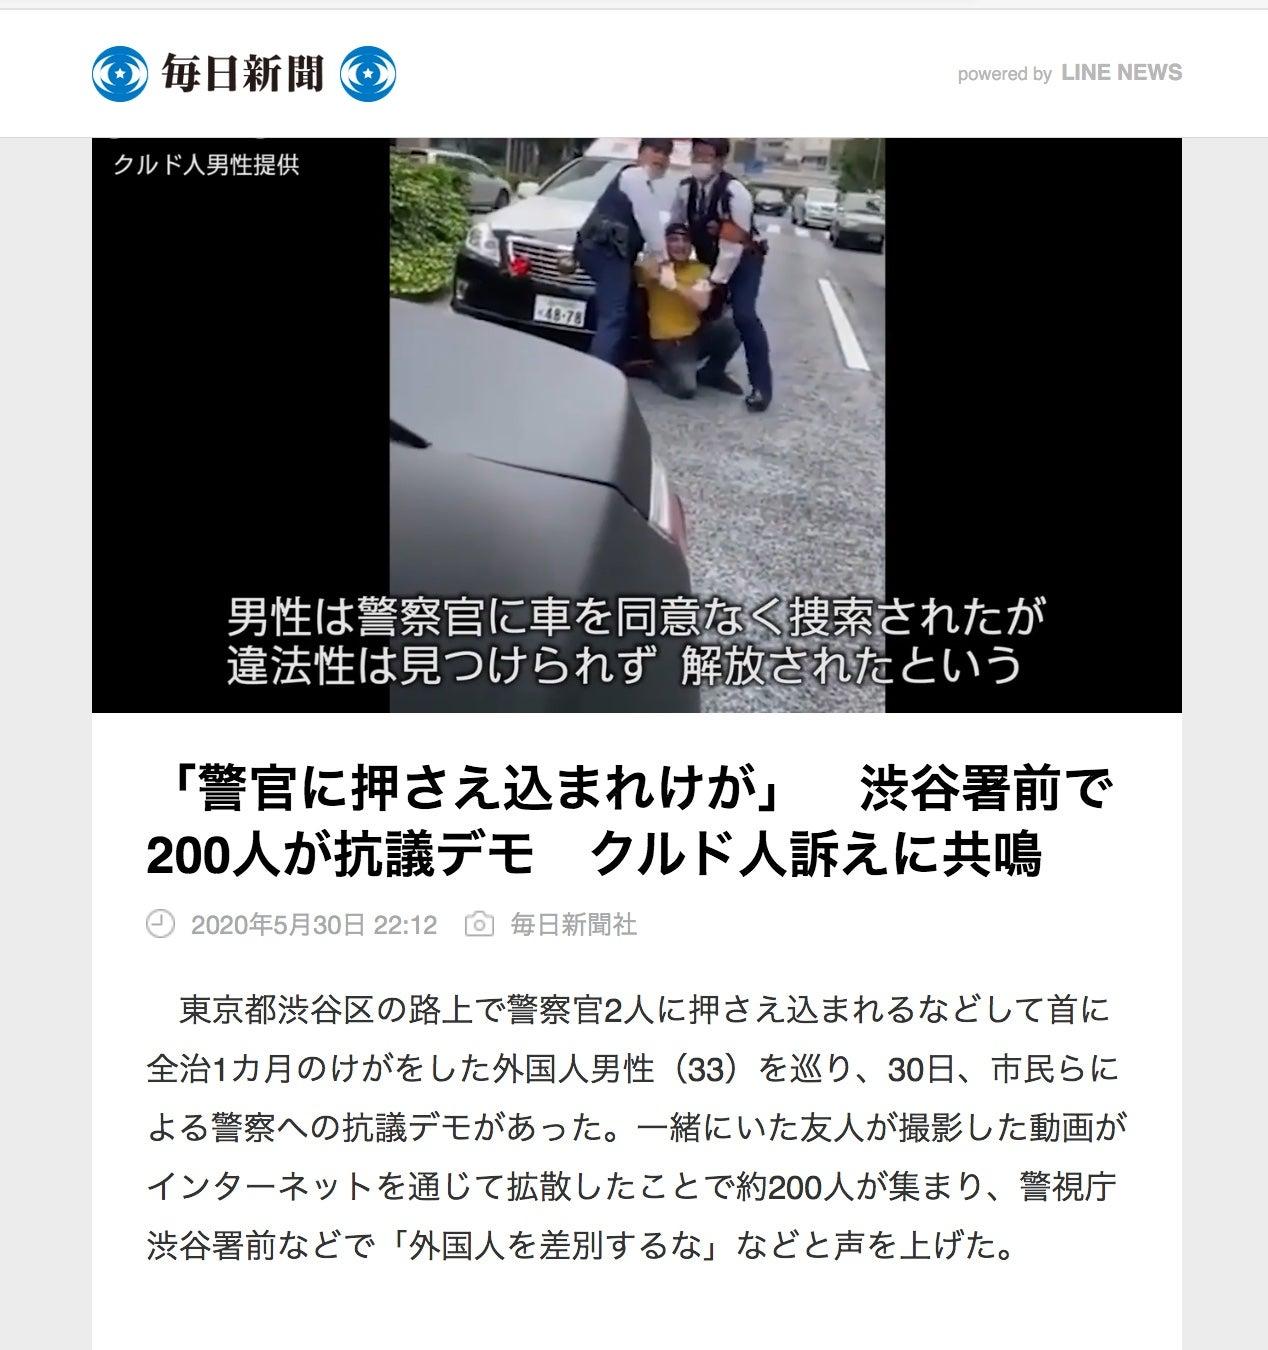 クルド 人 渋谷